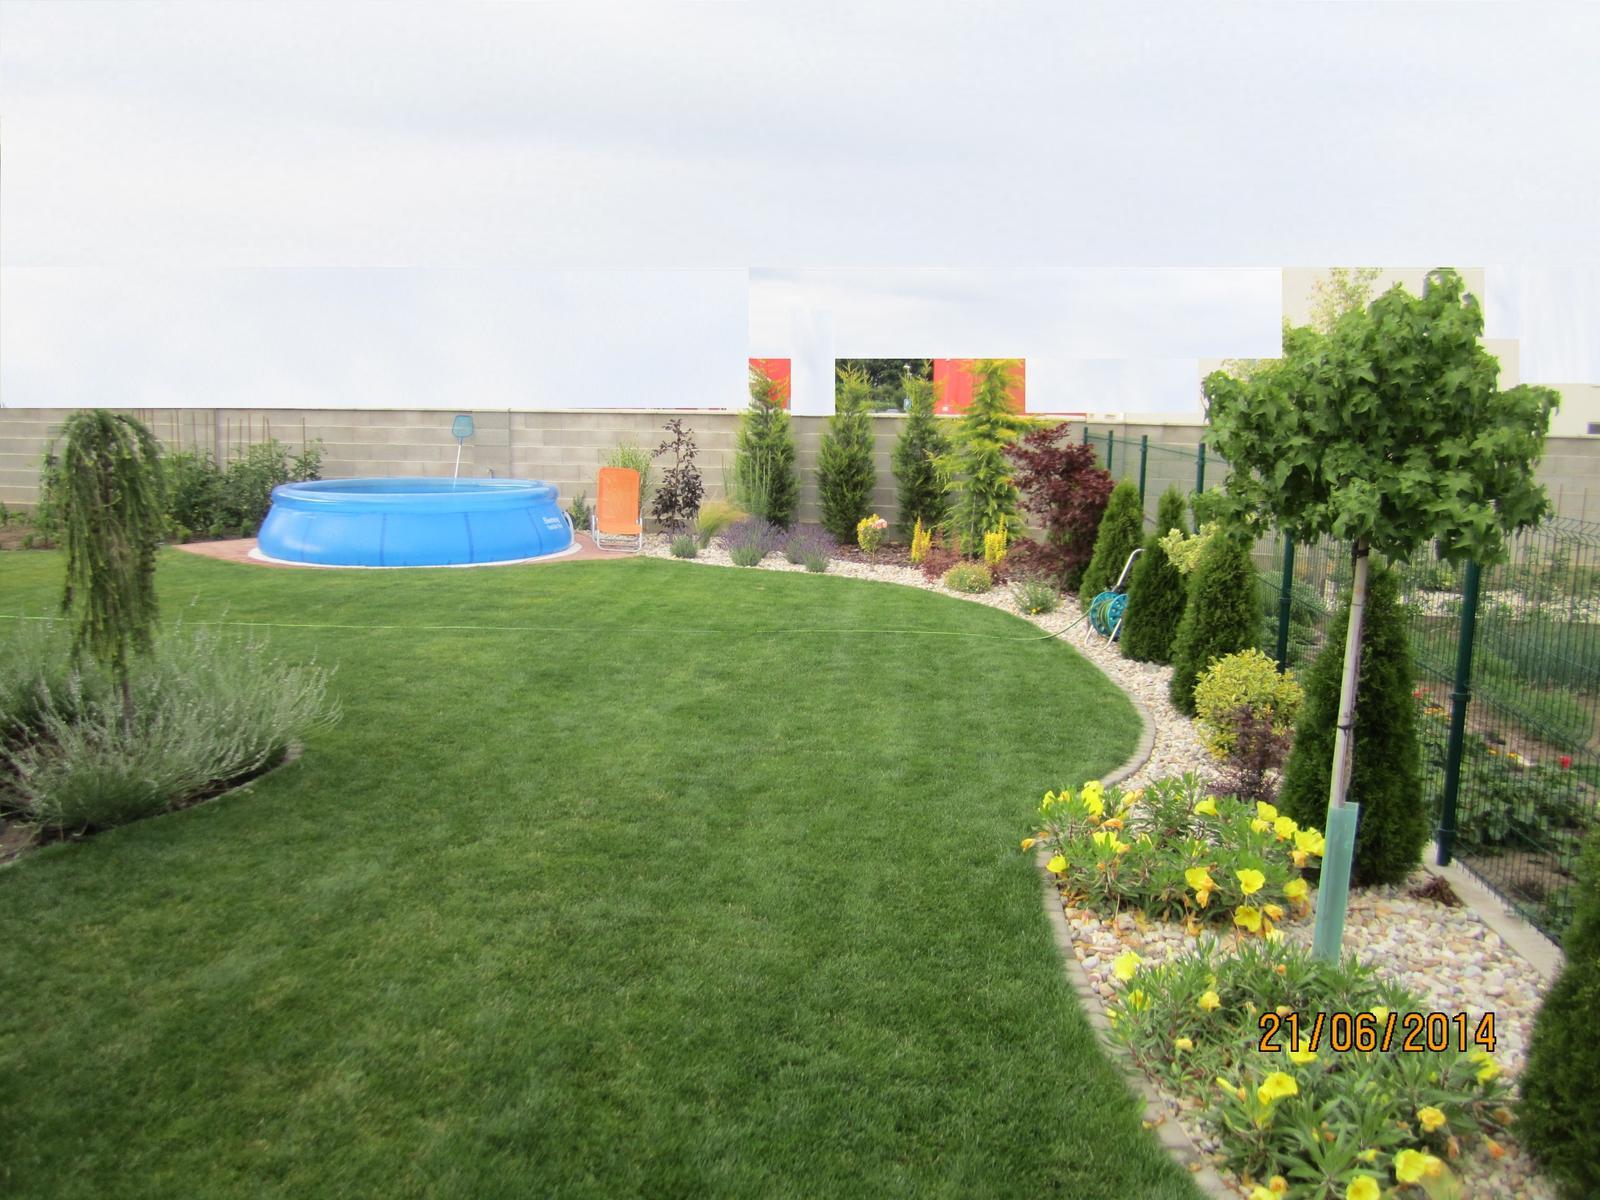 Bývame a dokončievame - O mesiac.. vsetko poskočilo:)  a pre zastancov  plnych plotov, niet lepsej veci, ako  kecat cez tento uzasny  priehladny plot so susedkou pri praci v zahradke, alebo len tak :)